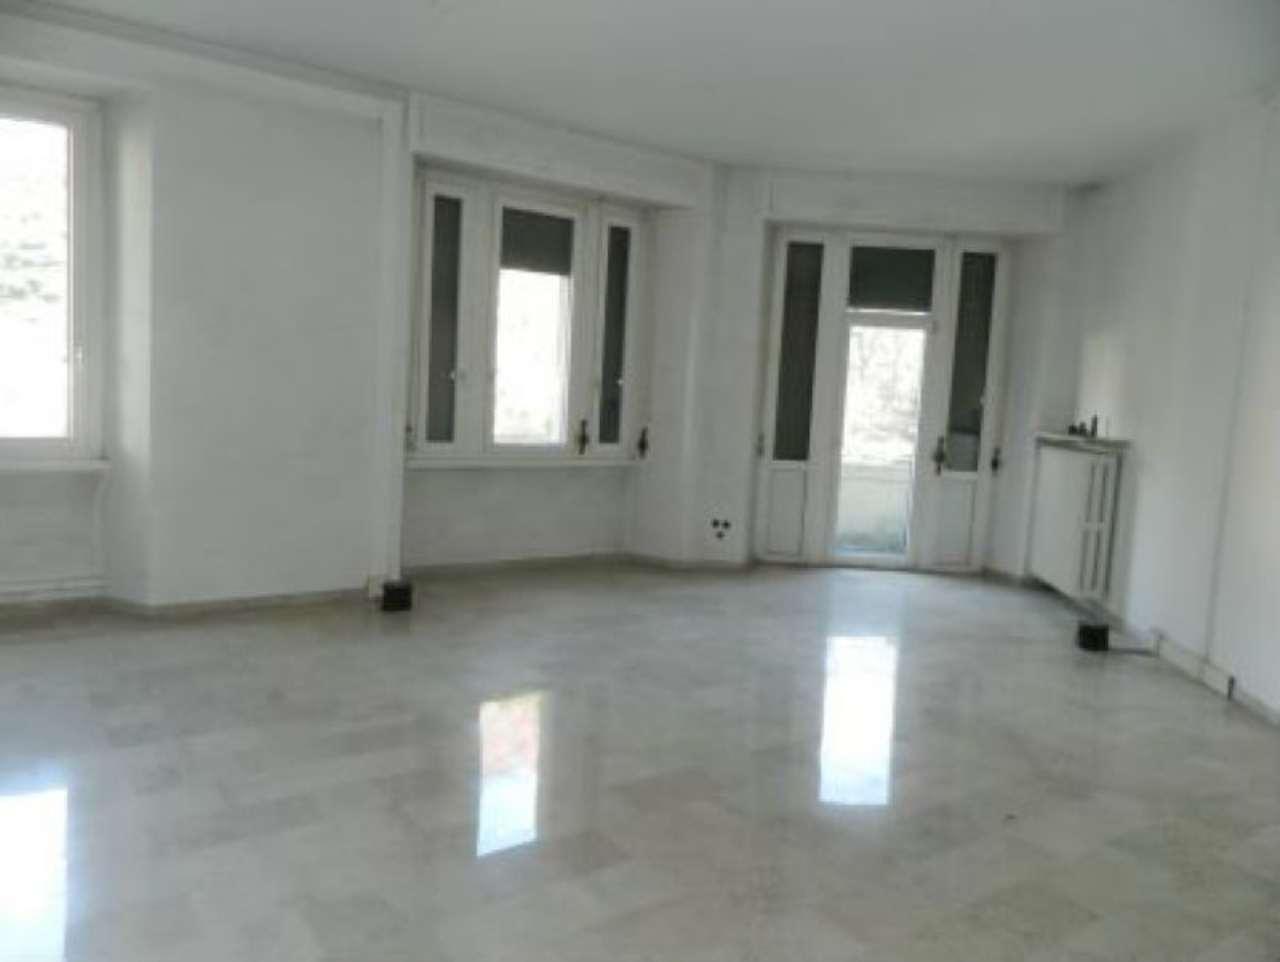 Ufficio / Studio in affitto a Sondrio, 3 locali, prezzo € 900 | CambioCasa.it